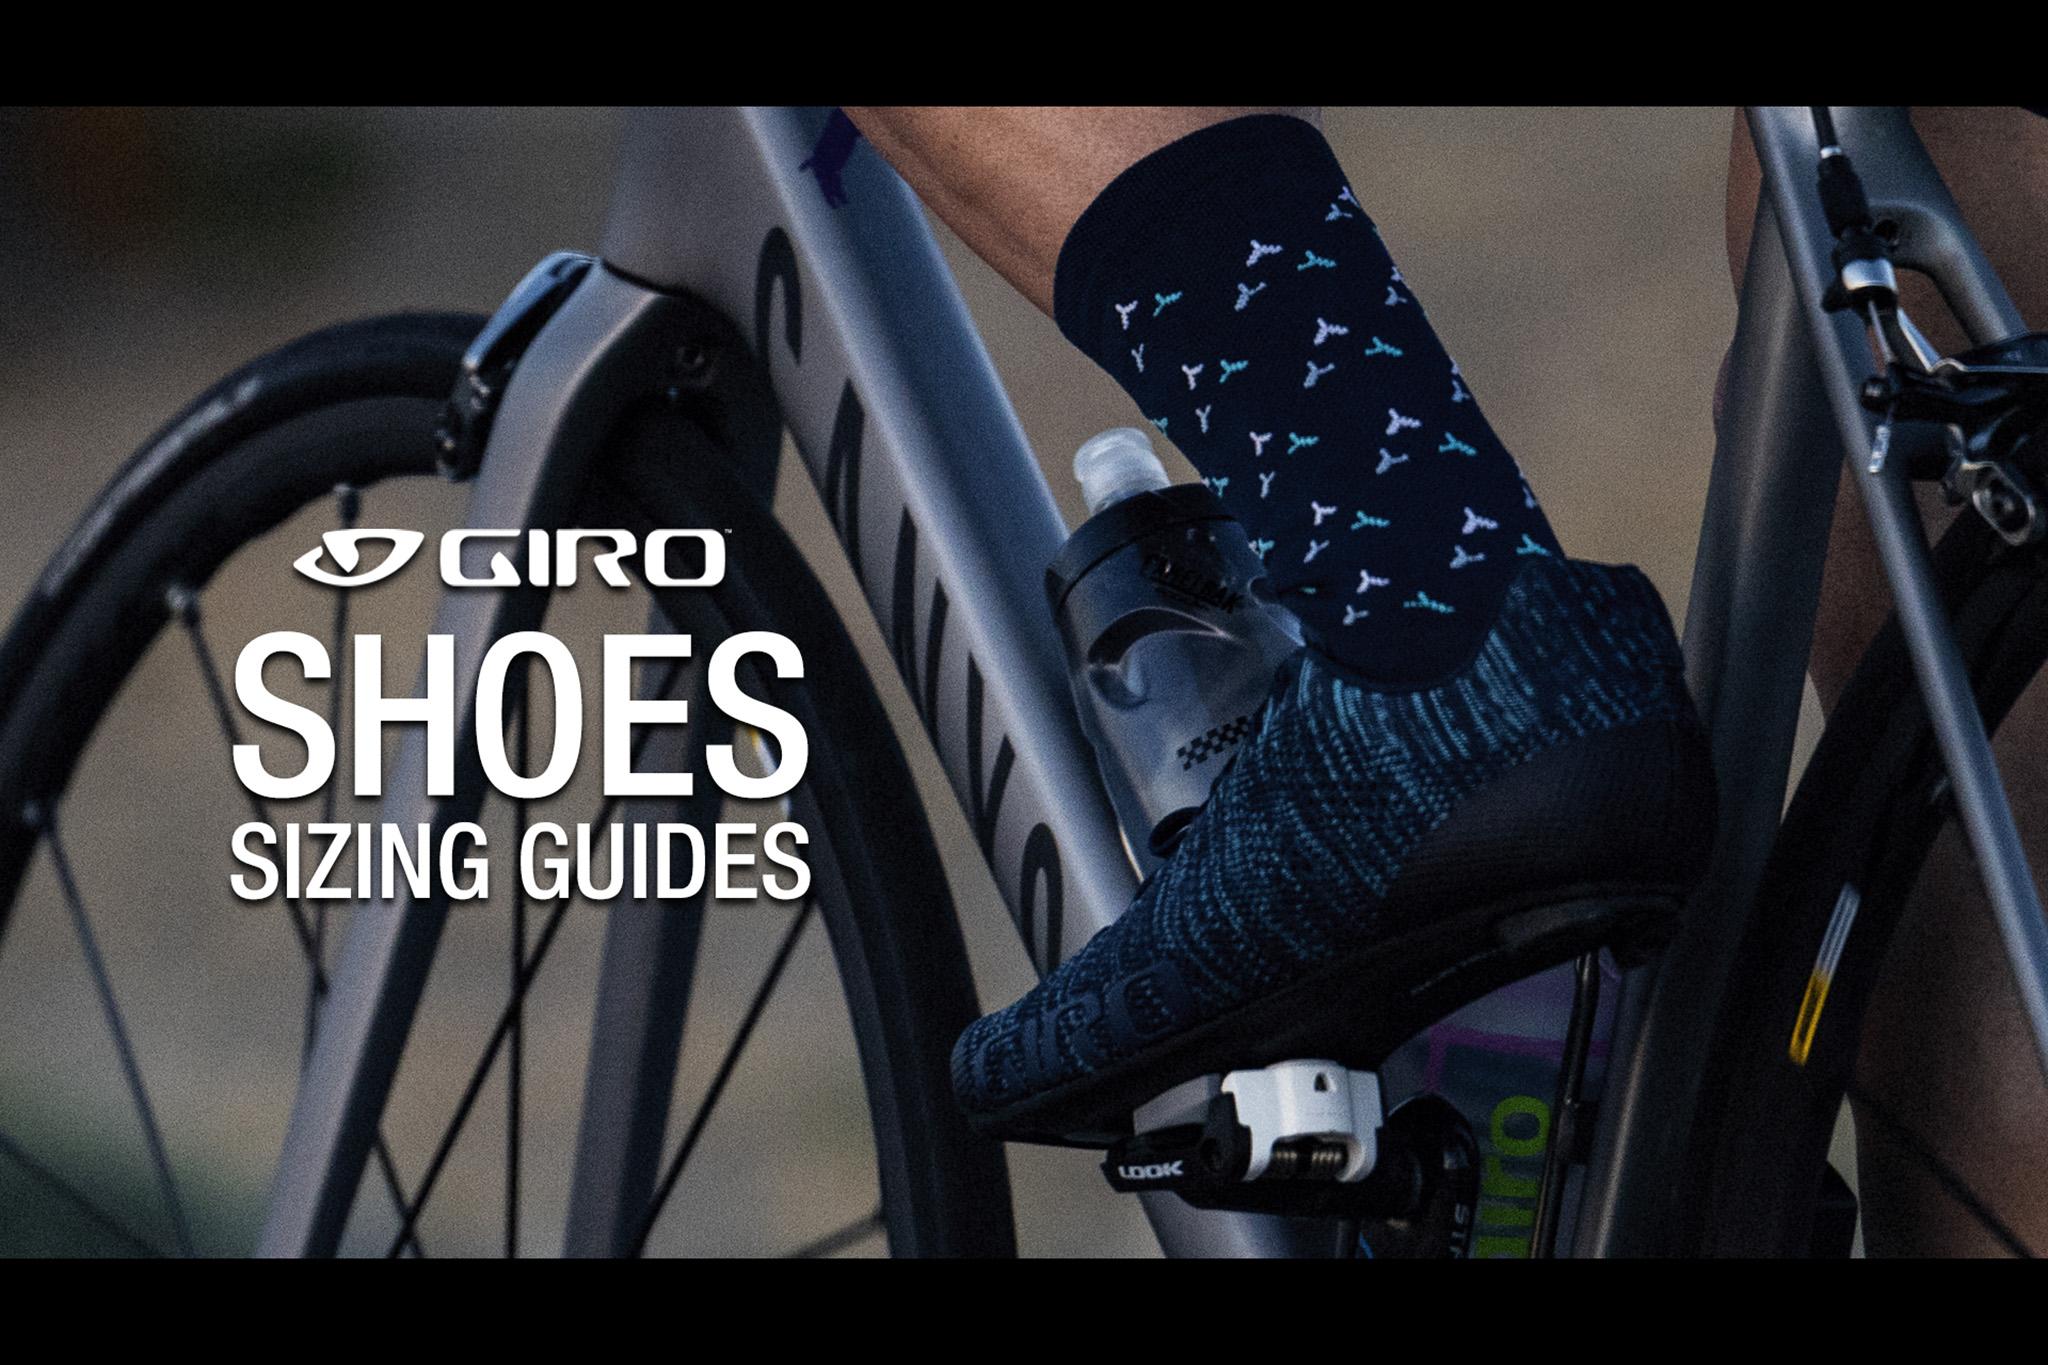 Giro Shoes Sizing วิธีการวัดไซส์เท้า เพื่อเลือกไซส์รองเท้าจักรยาน